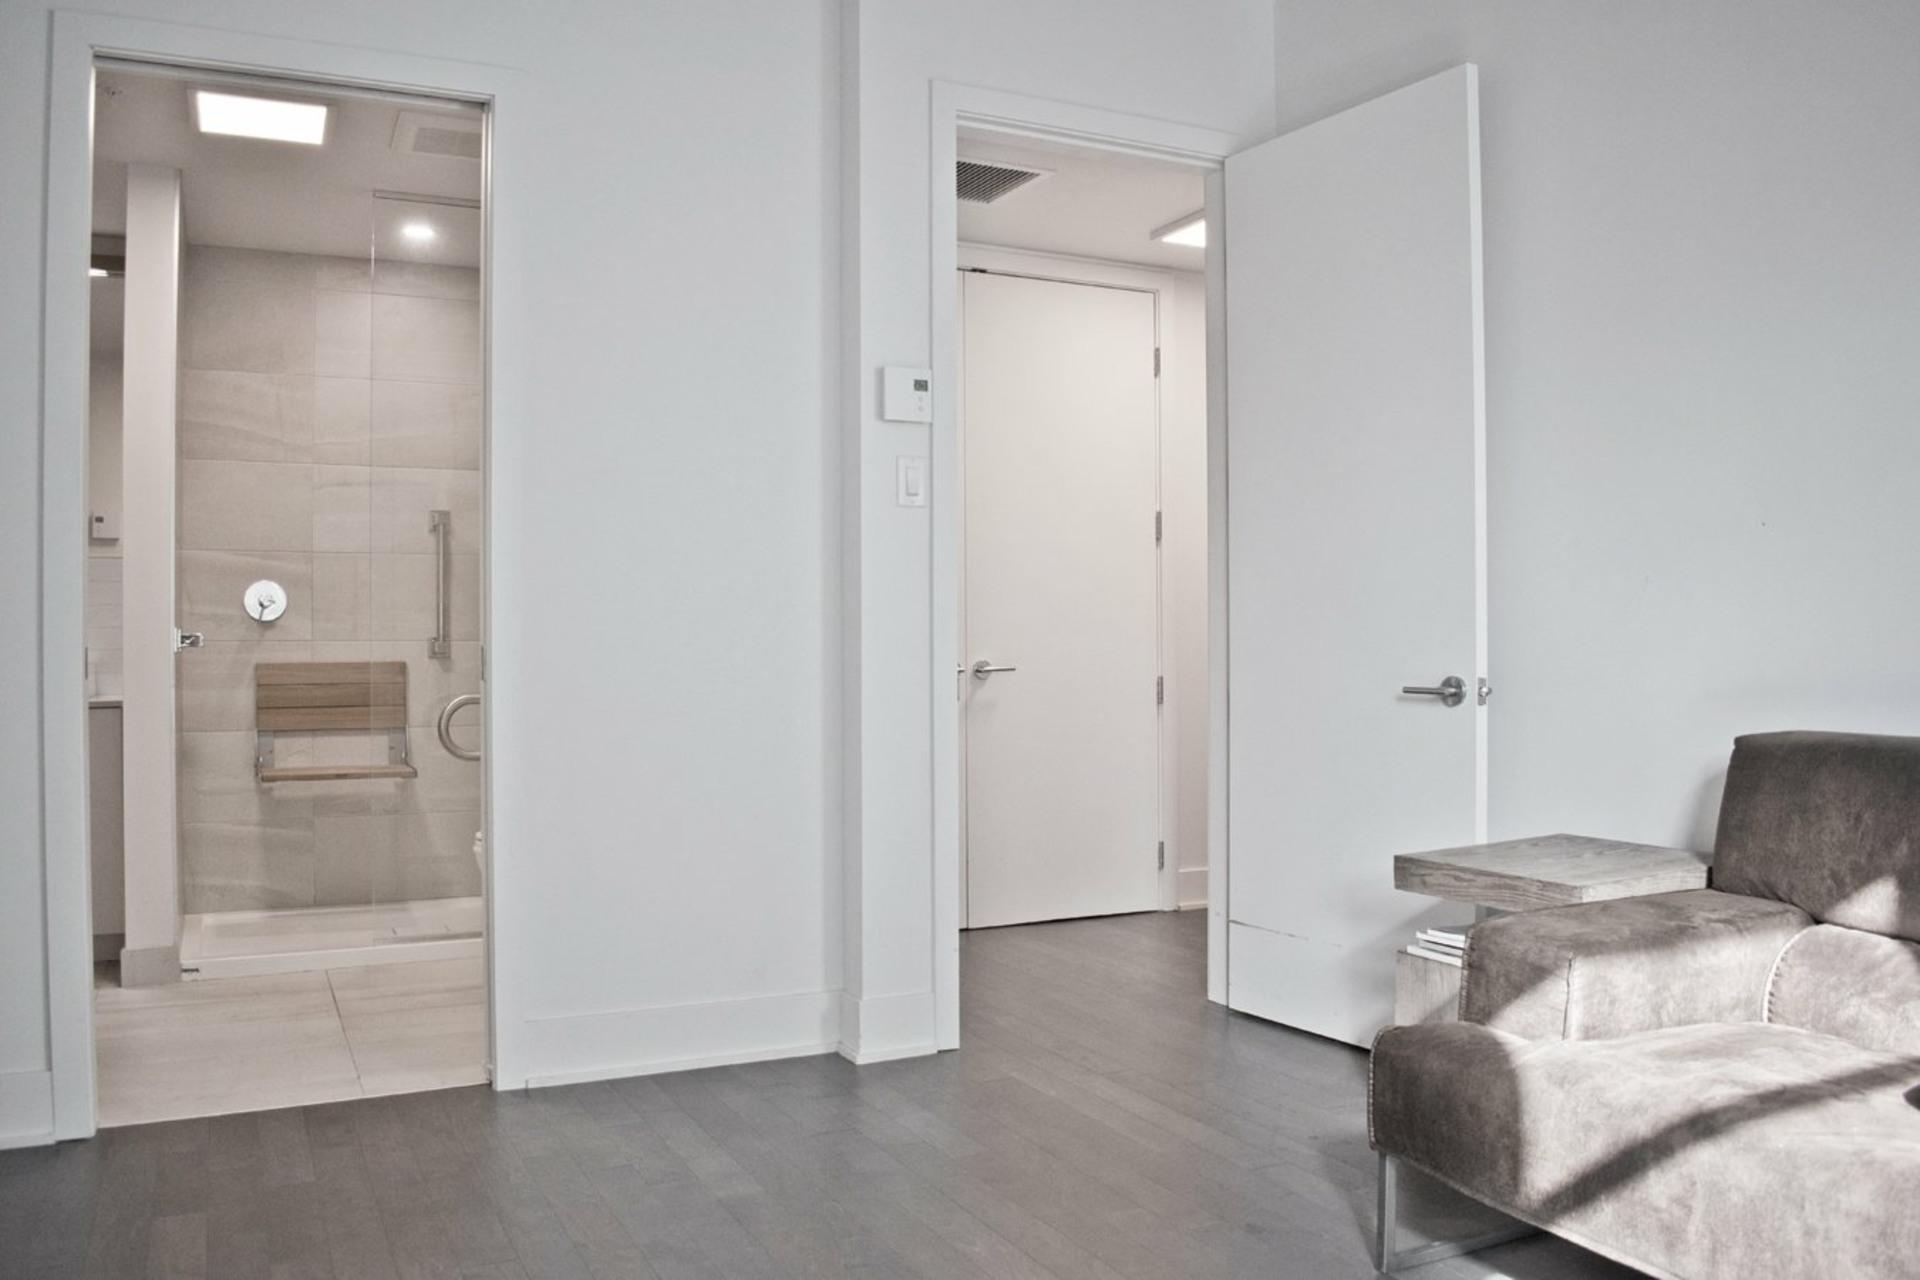 image 6 - Appartement À vendre Le Sud-Ouest Montréal  - 6 pièces